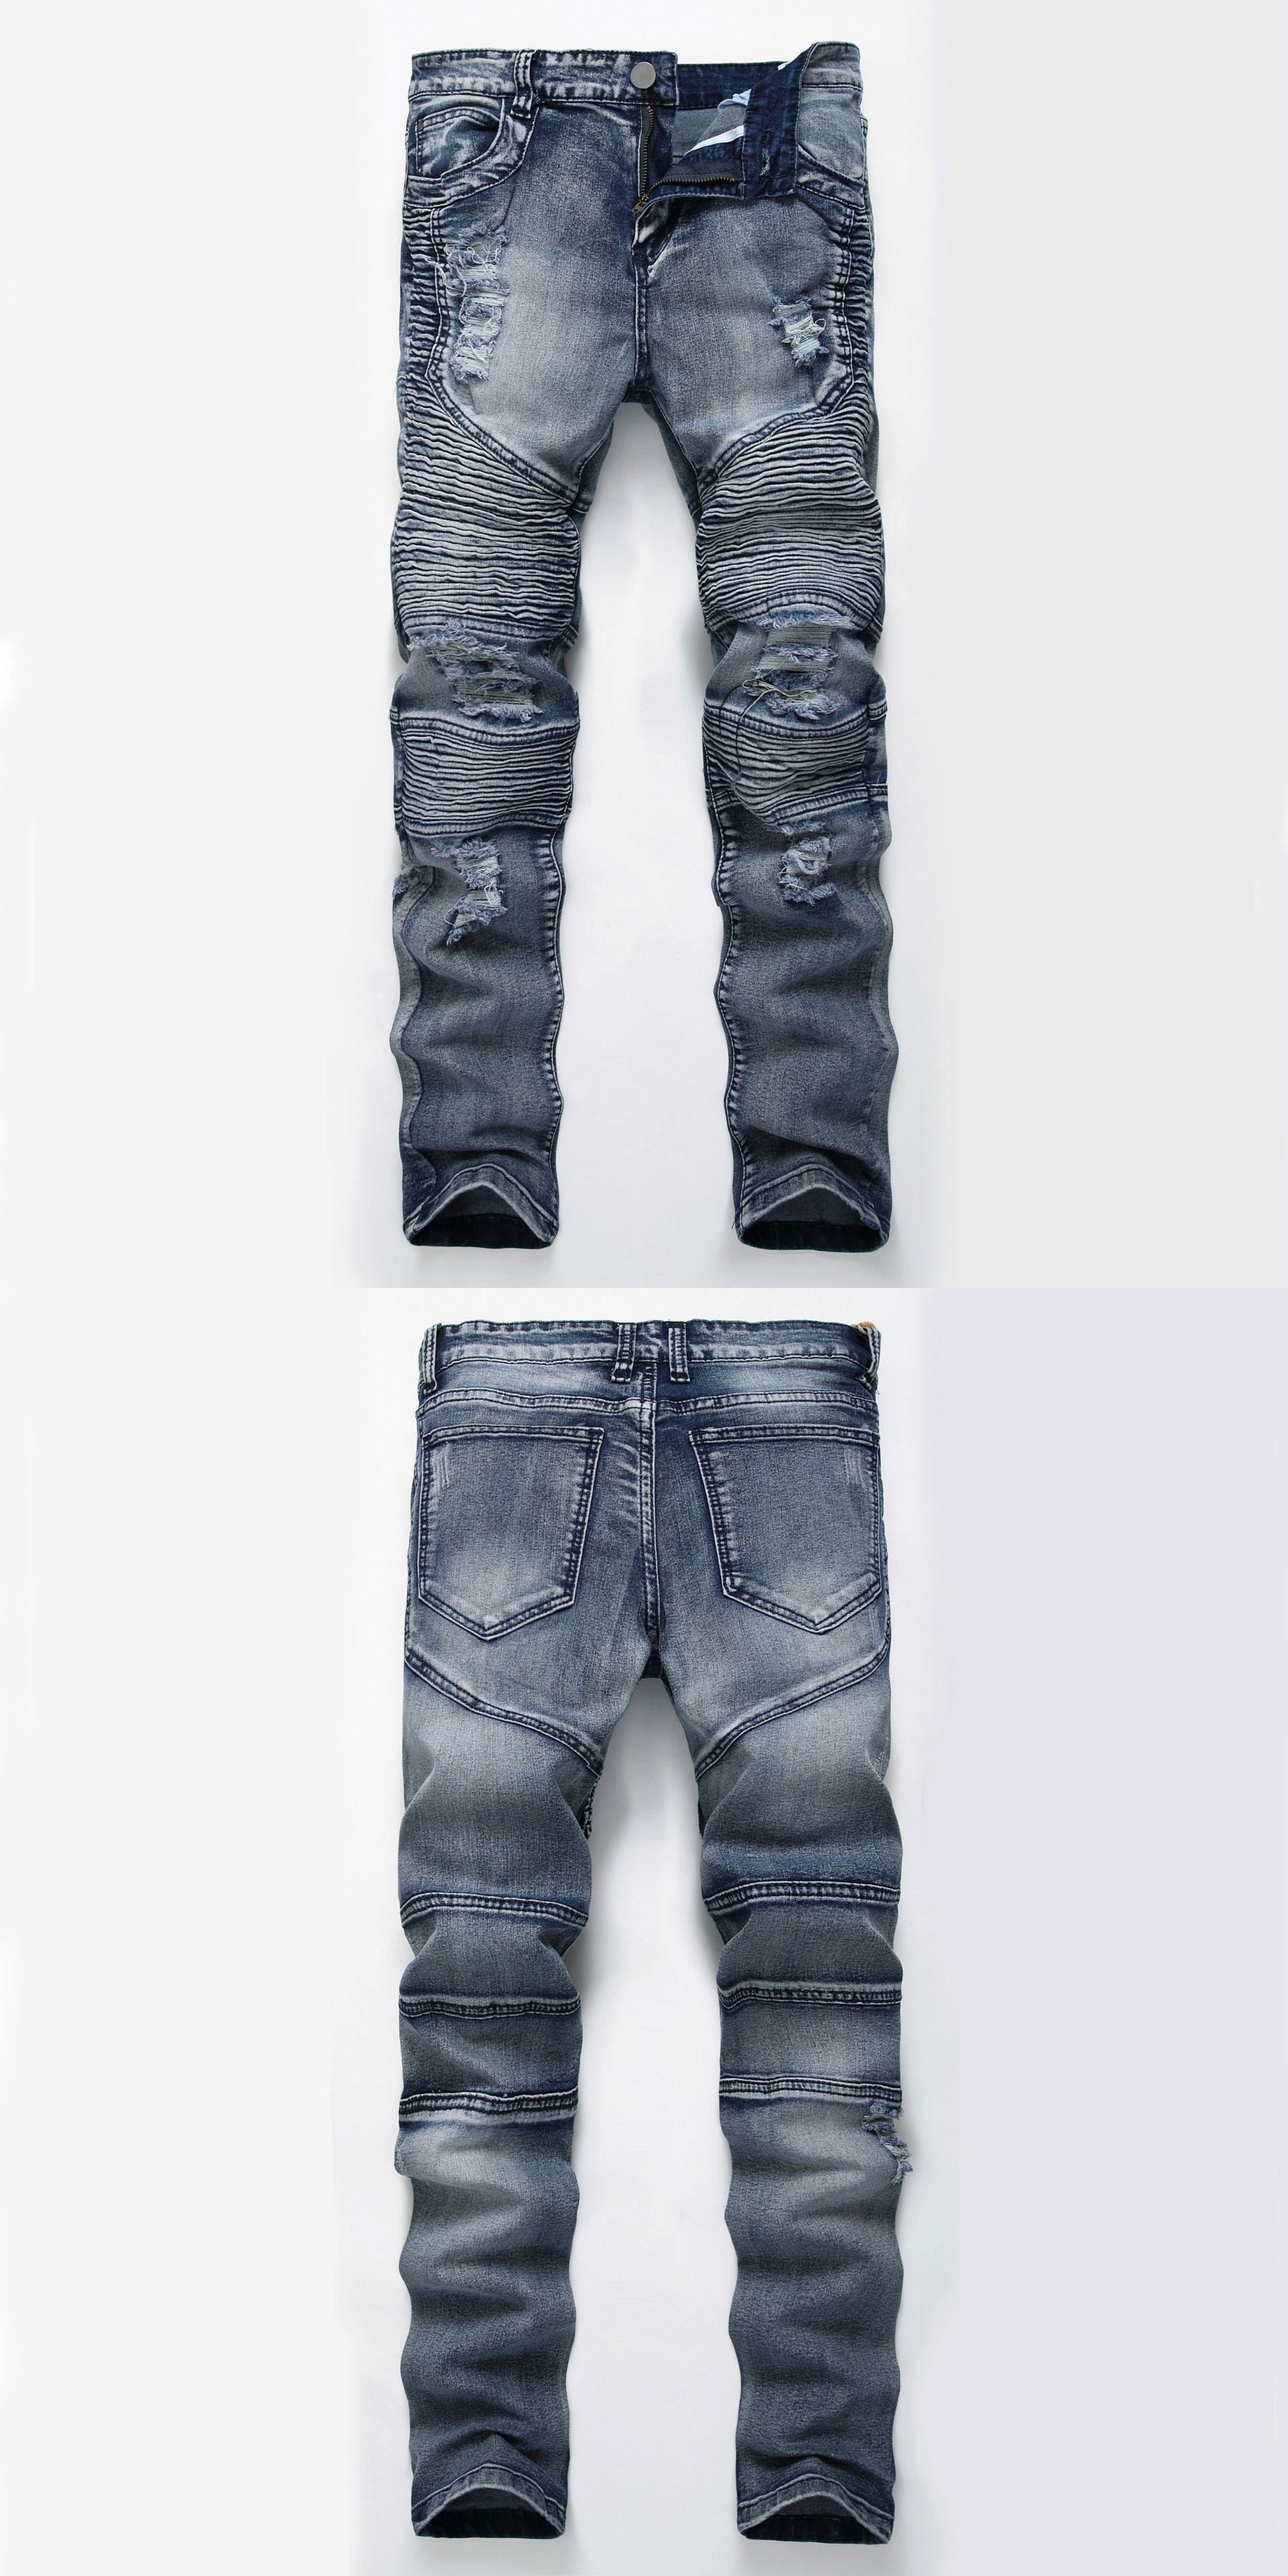 bd0dacae7ca Mens Skinny jeans men Runway Distressed slim elastic jeans denim Biker jeans  hip hop pants Washed Pleated jeans blue